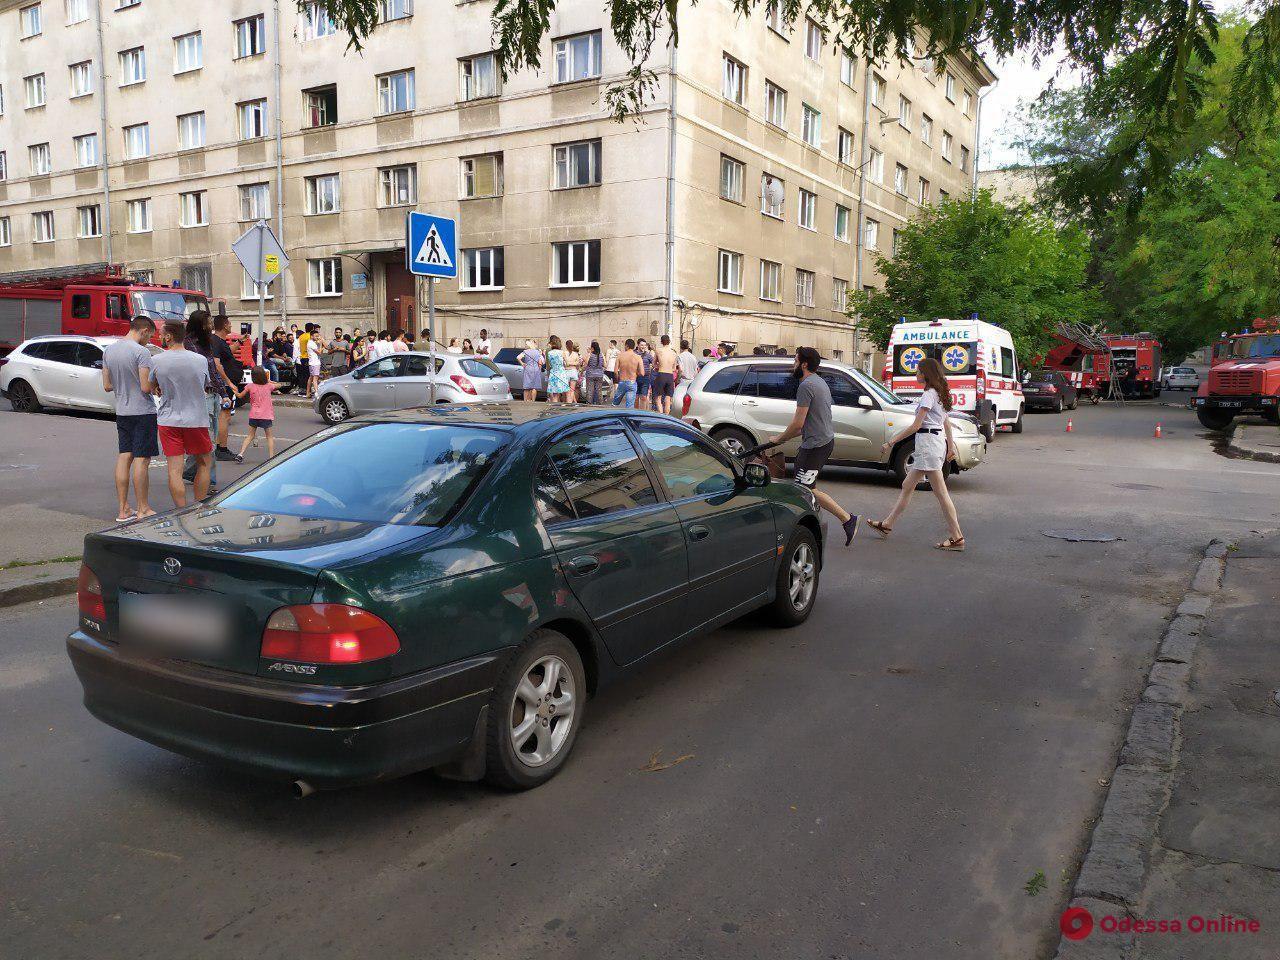 Одесса: в общежитии медуниверситета произошел пожар (обновлено)